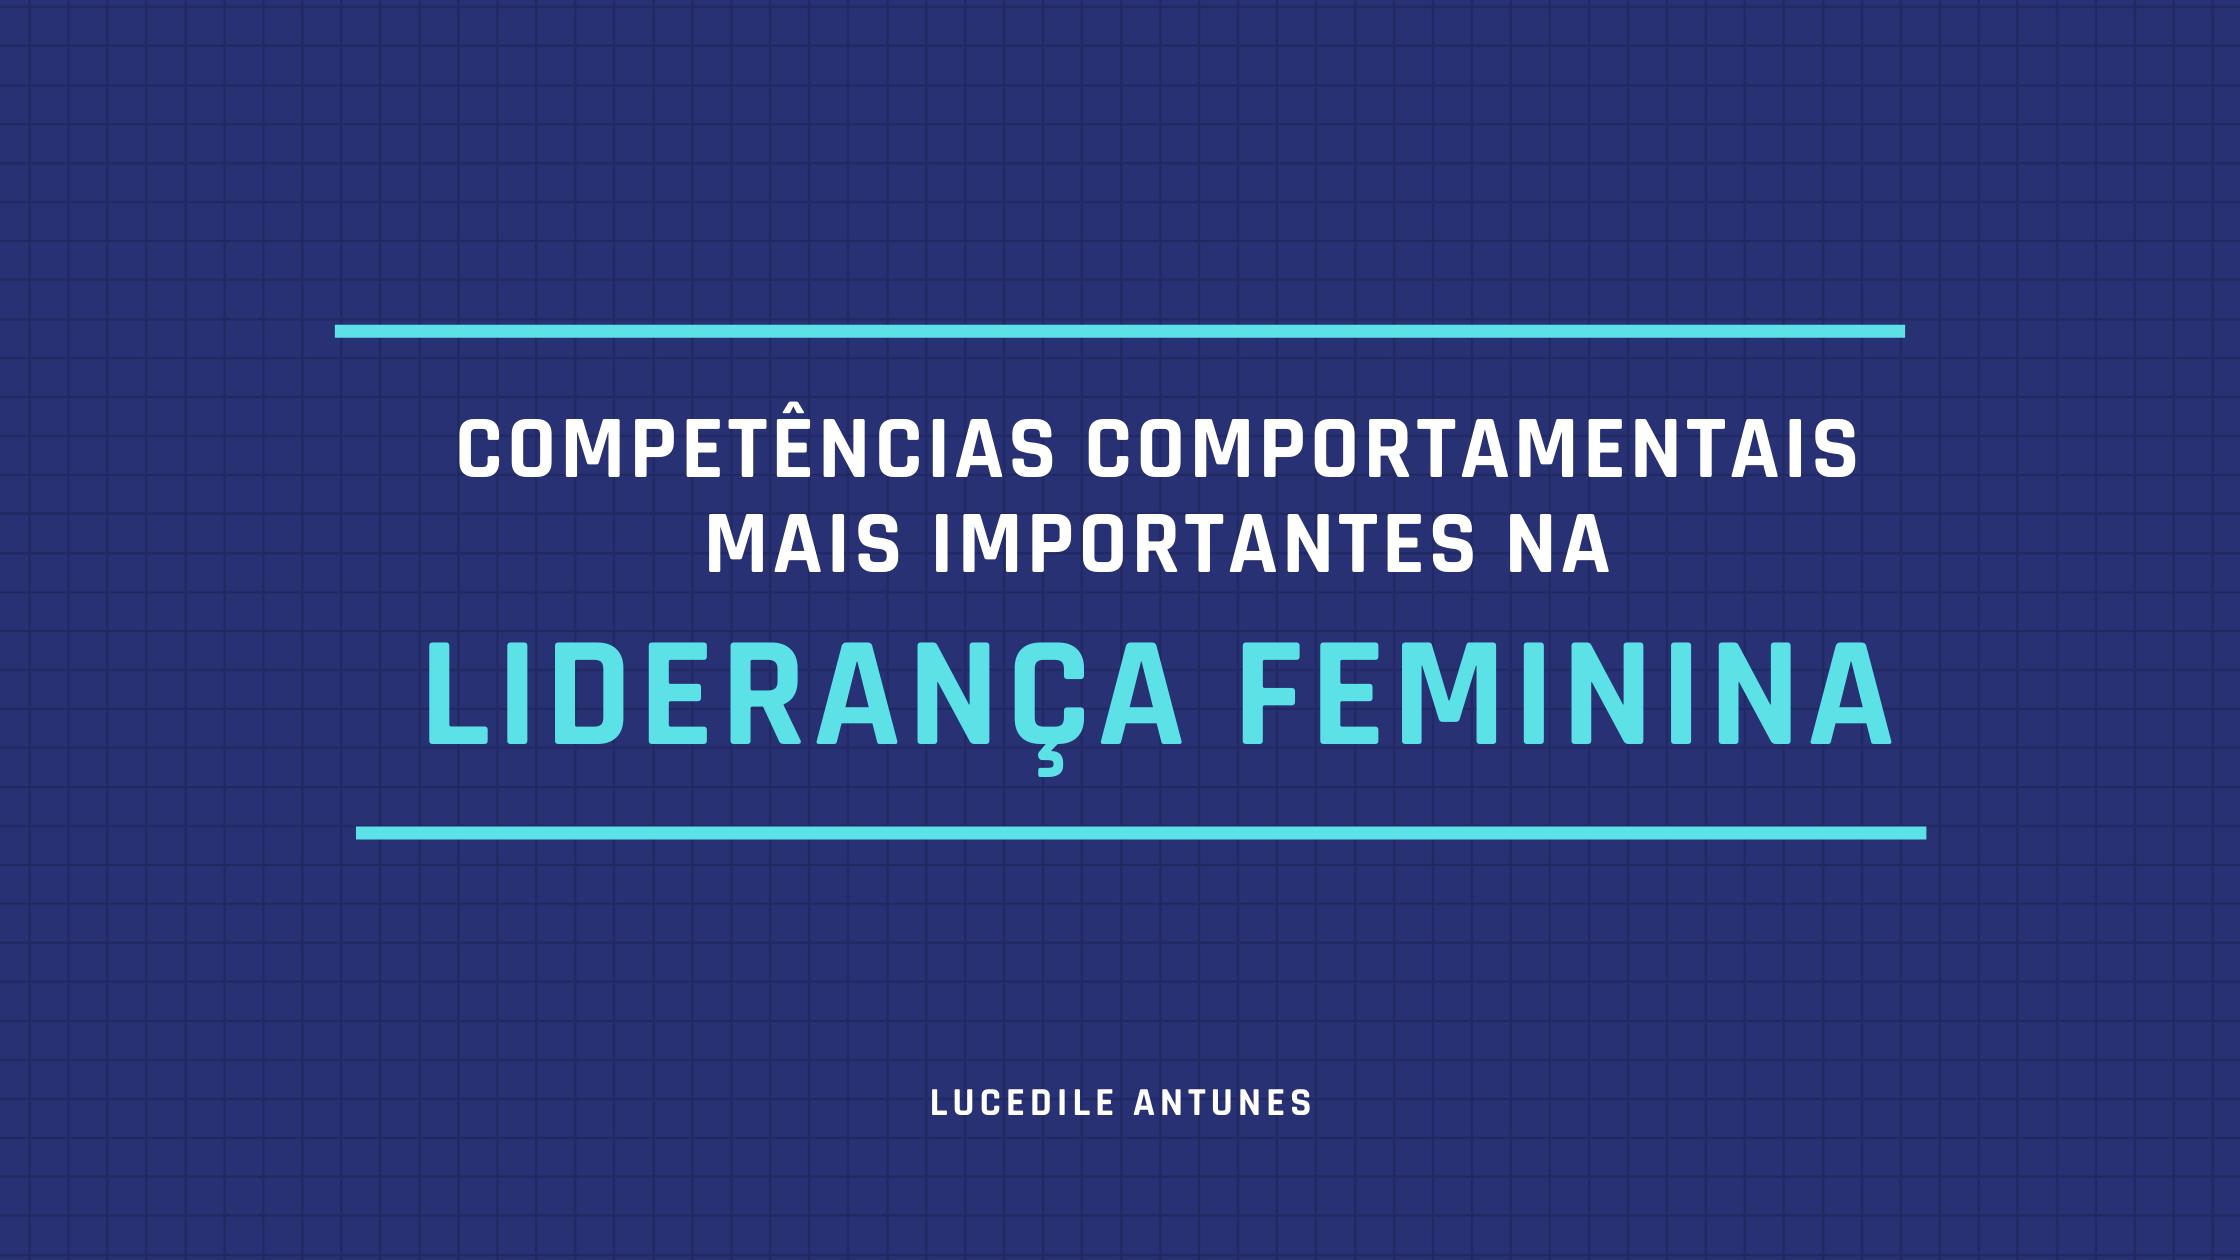 Competências Comportamentais mais importantes na Liderança Feminina